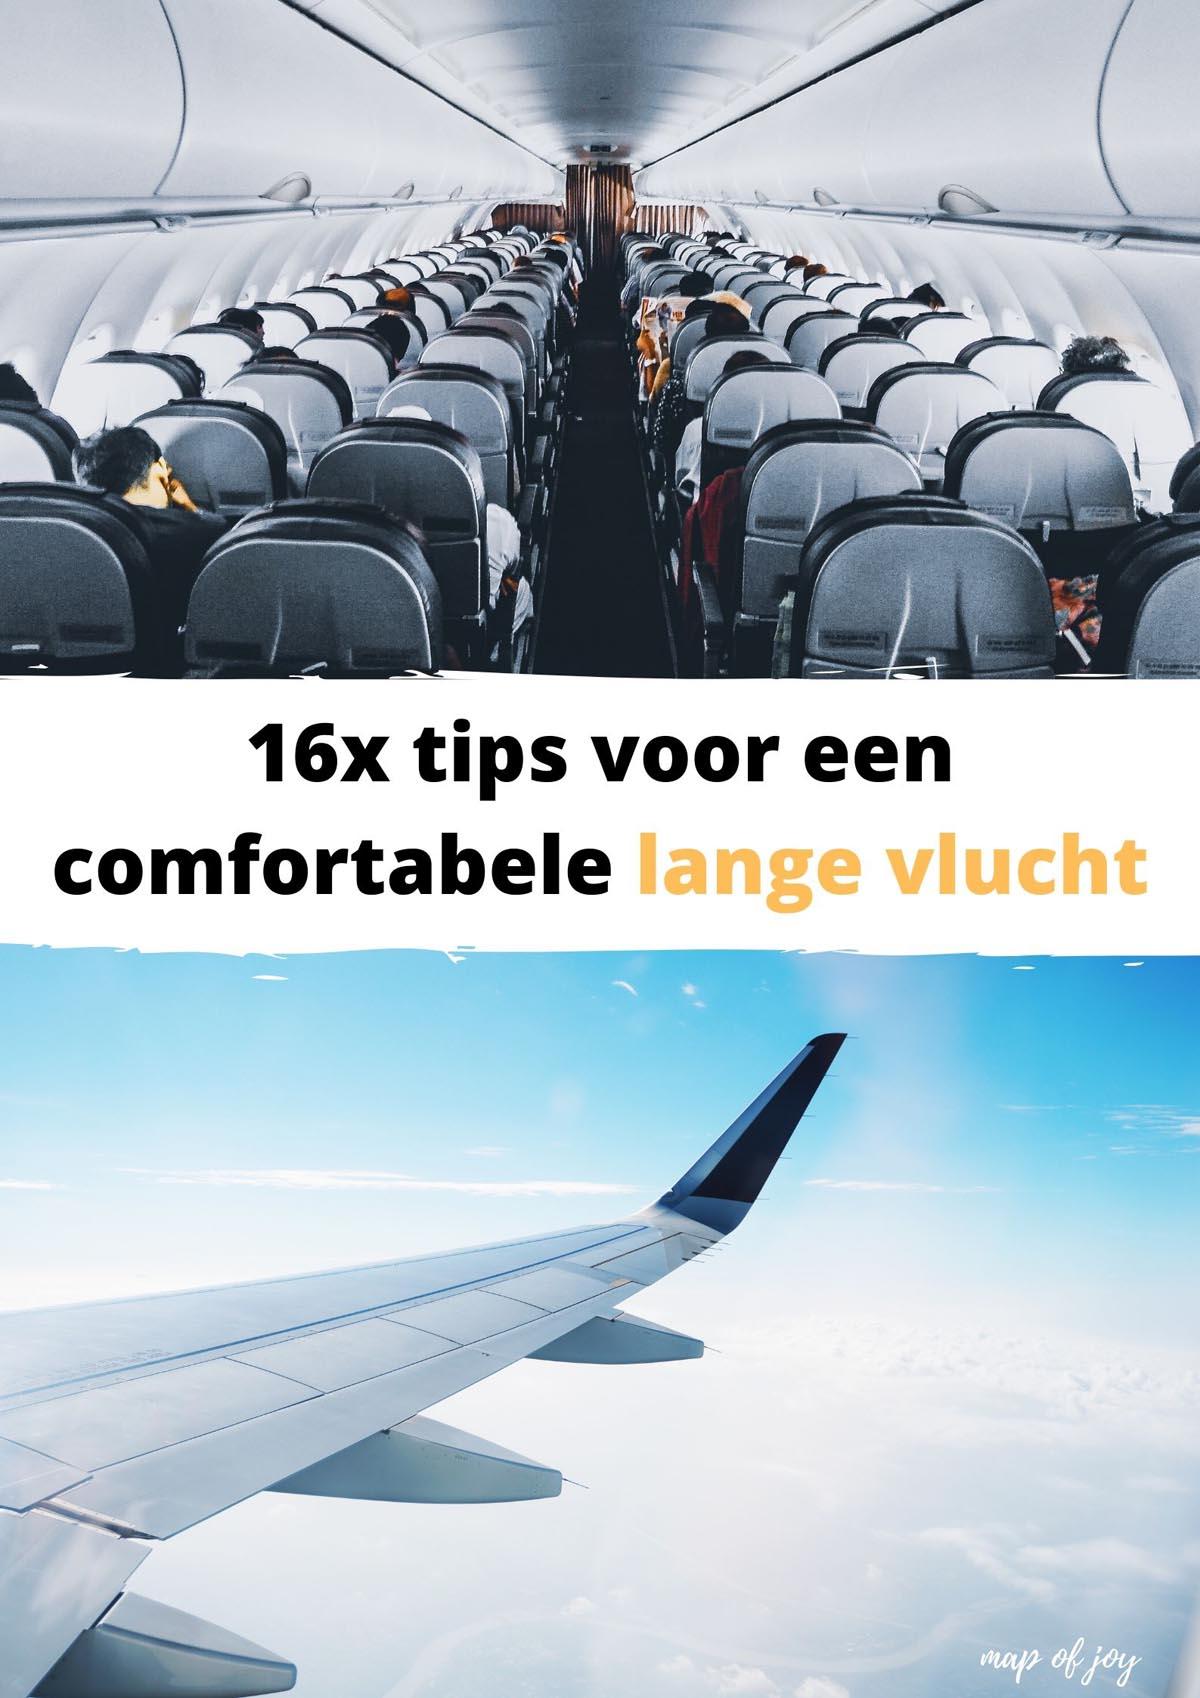 16x tips voor een comfortabele lange vlucht